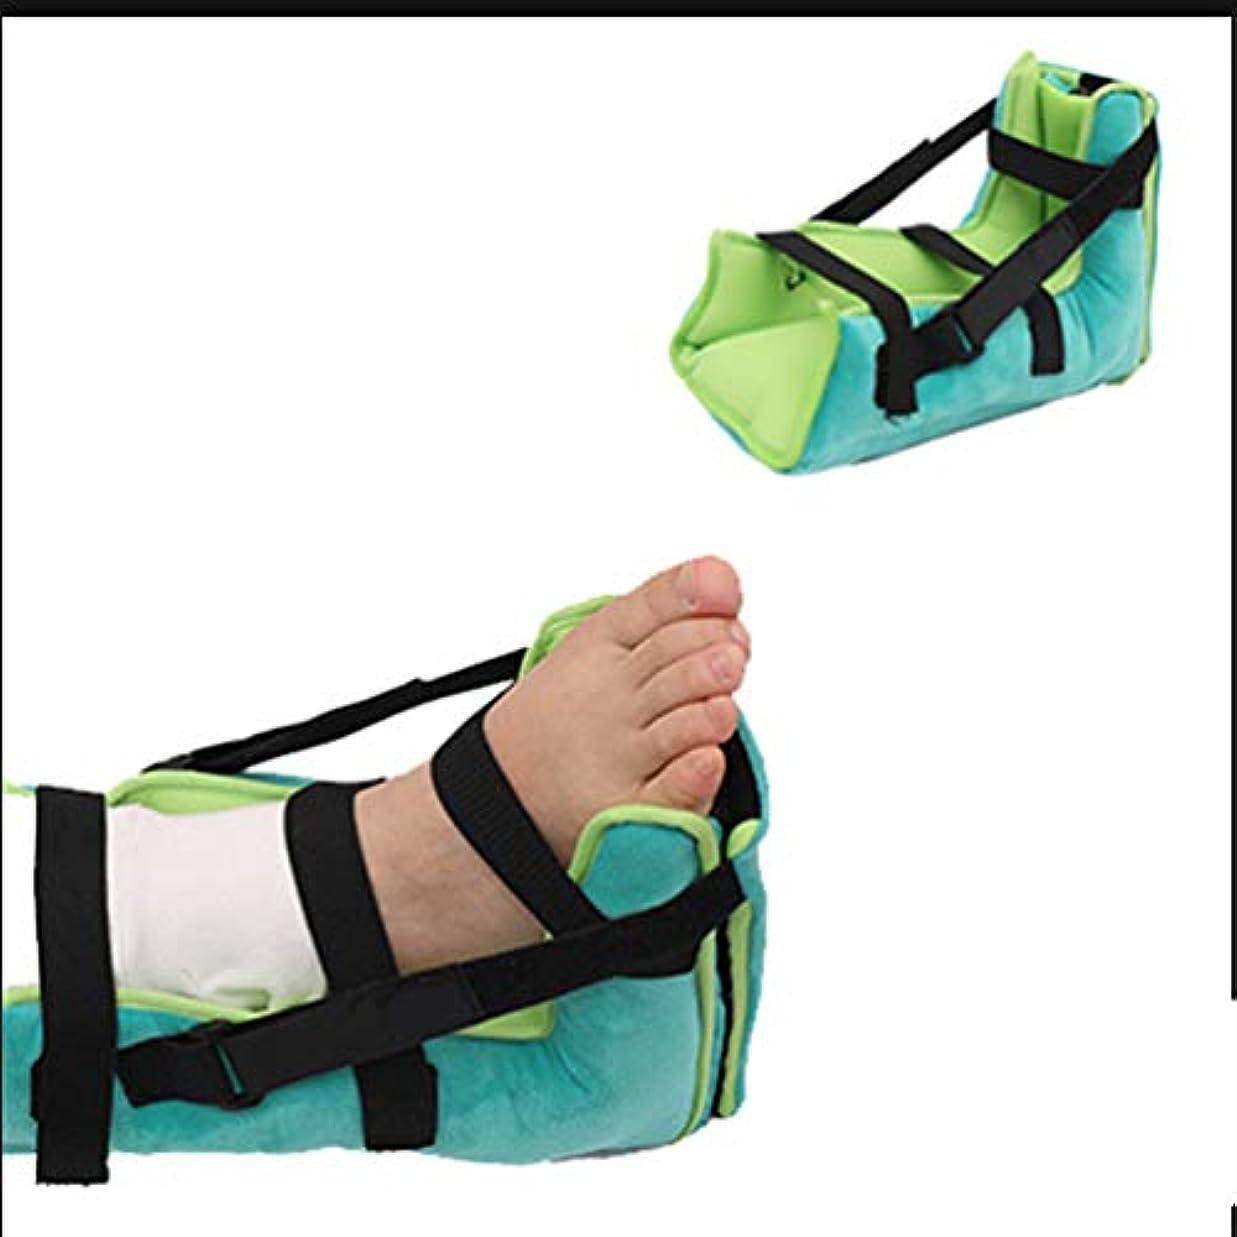 爪噂先史時代の柔らかい快適なかかと保護足枕反Anti瘡かかとプロテクターオープン足ドループ装具減圧ストローク反足保護スリーブ